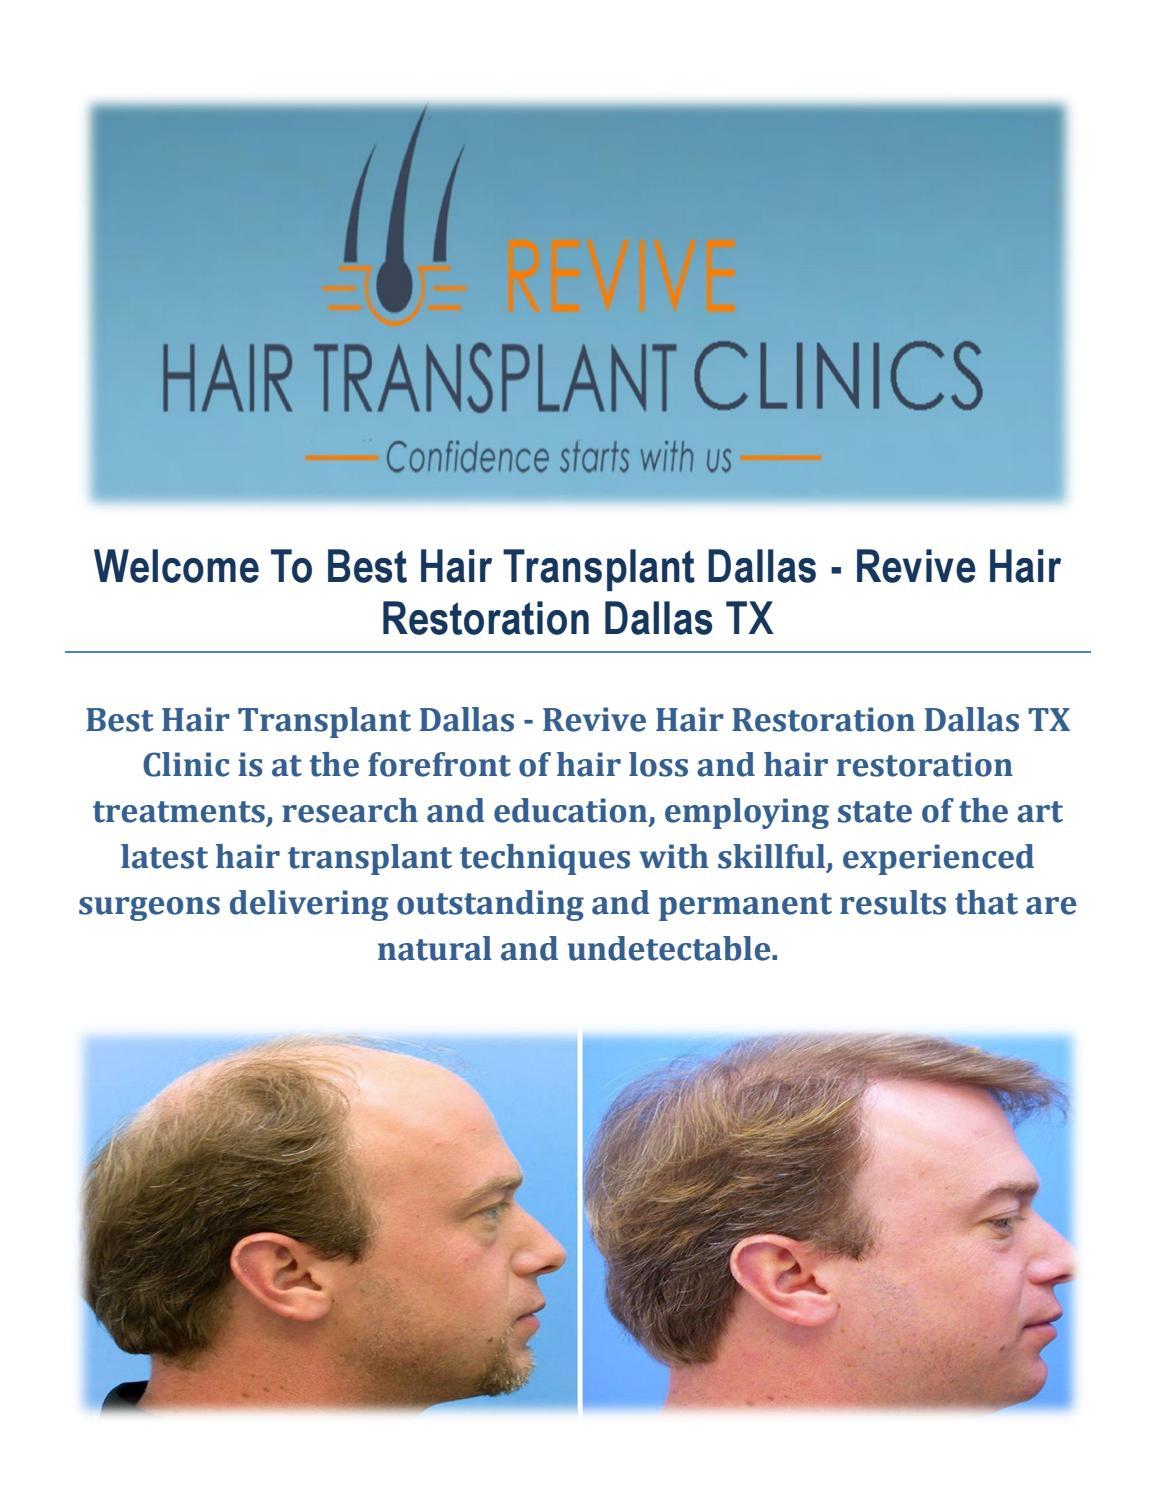 Best Hair Transplant Dallas - Revive Hair Restoration in